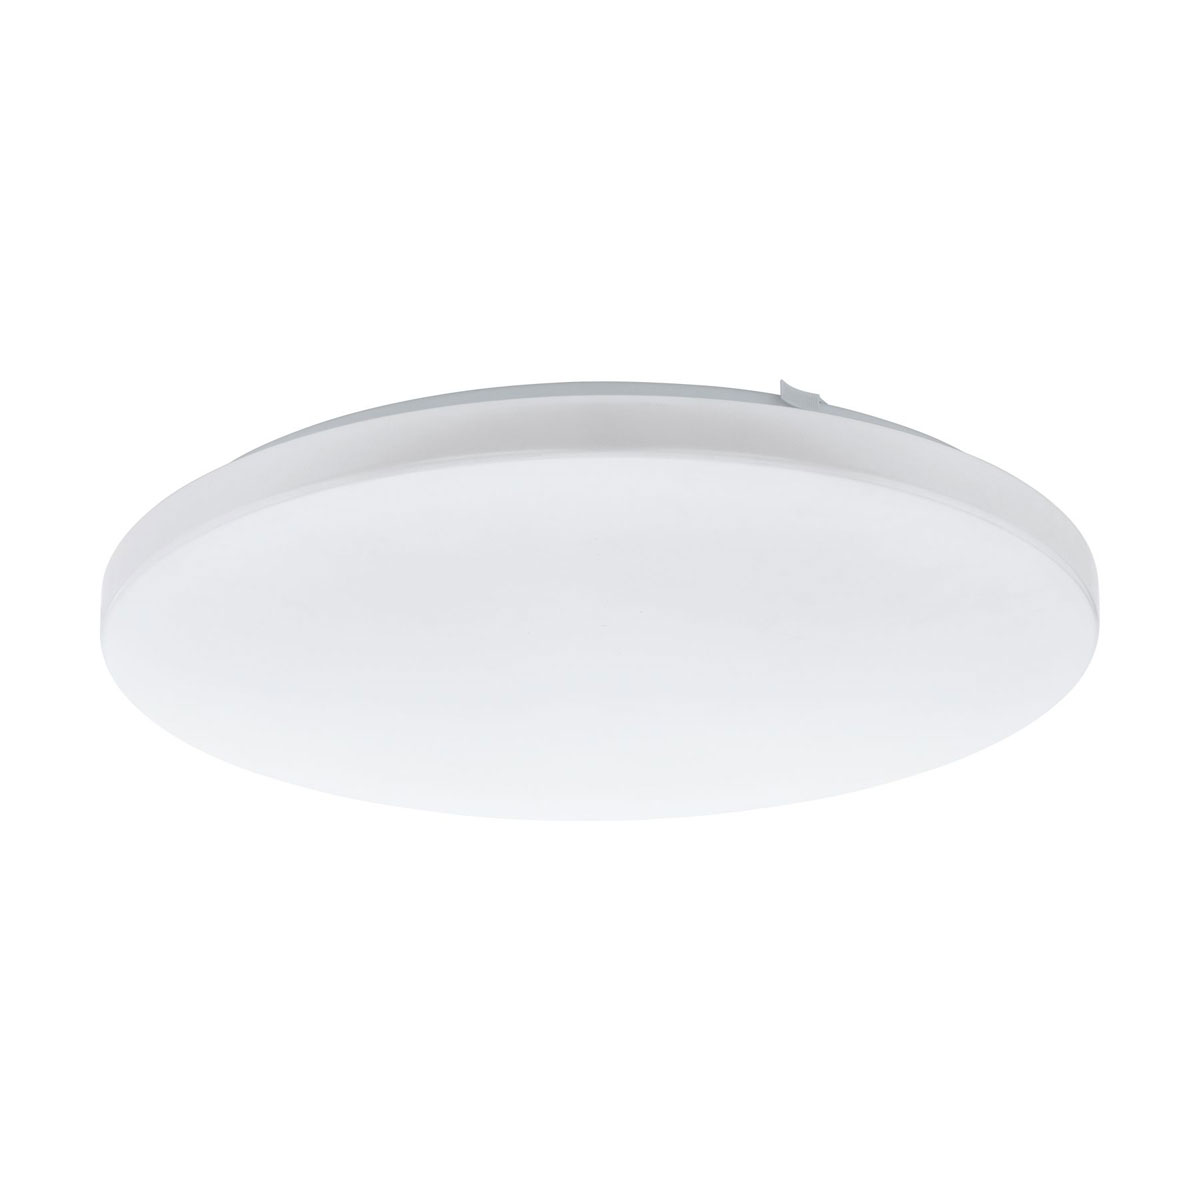 """Deckenleuchten - LED Deckenleuchte """"Frania"""", Ø43cm, weiß Ø 43 cm  - Onlineshop Hellweg"""